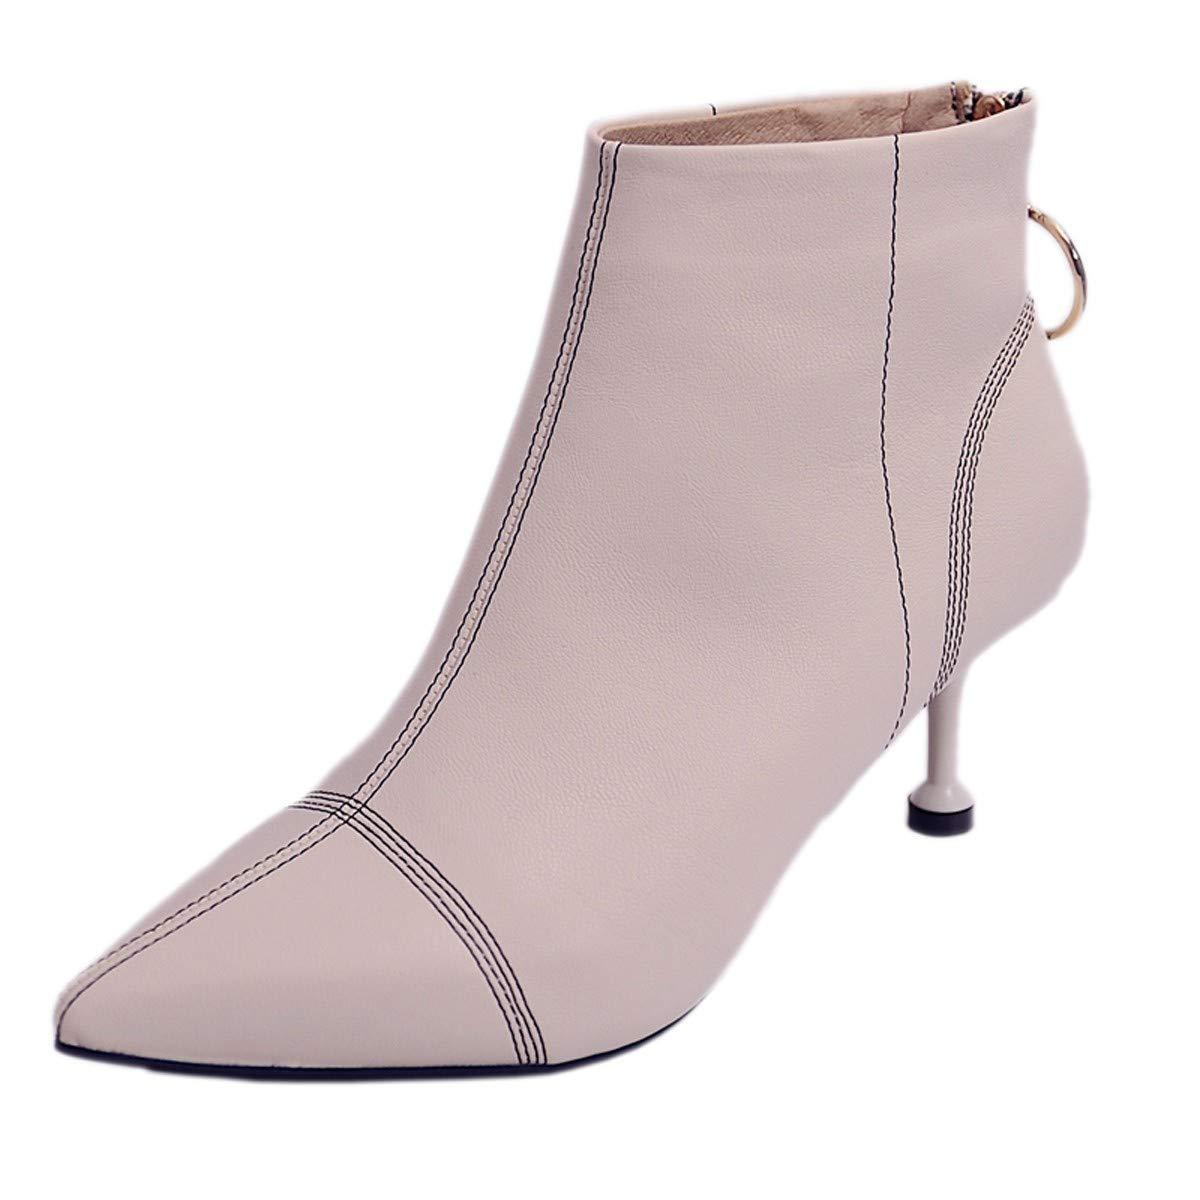 Gabor, Damen Sandalette, 26.555, Größe 35,5 UK 3: